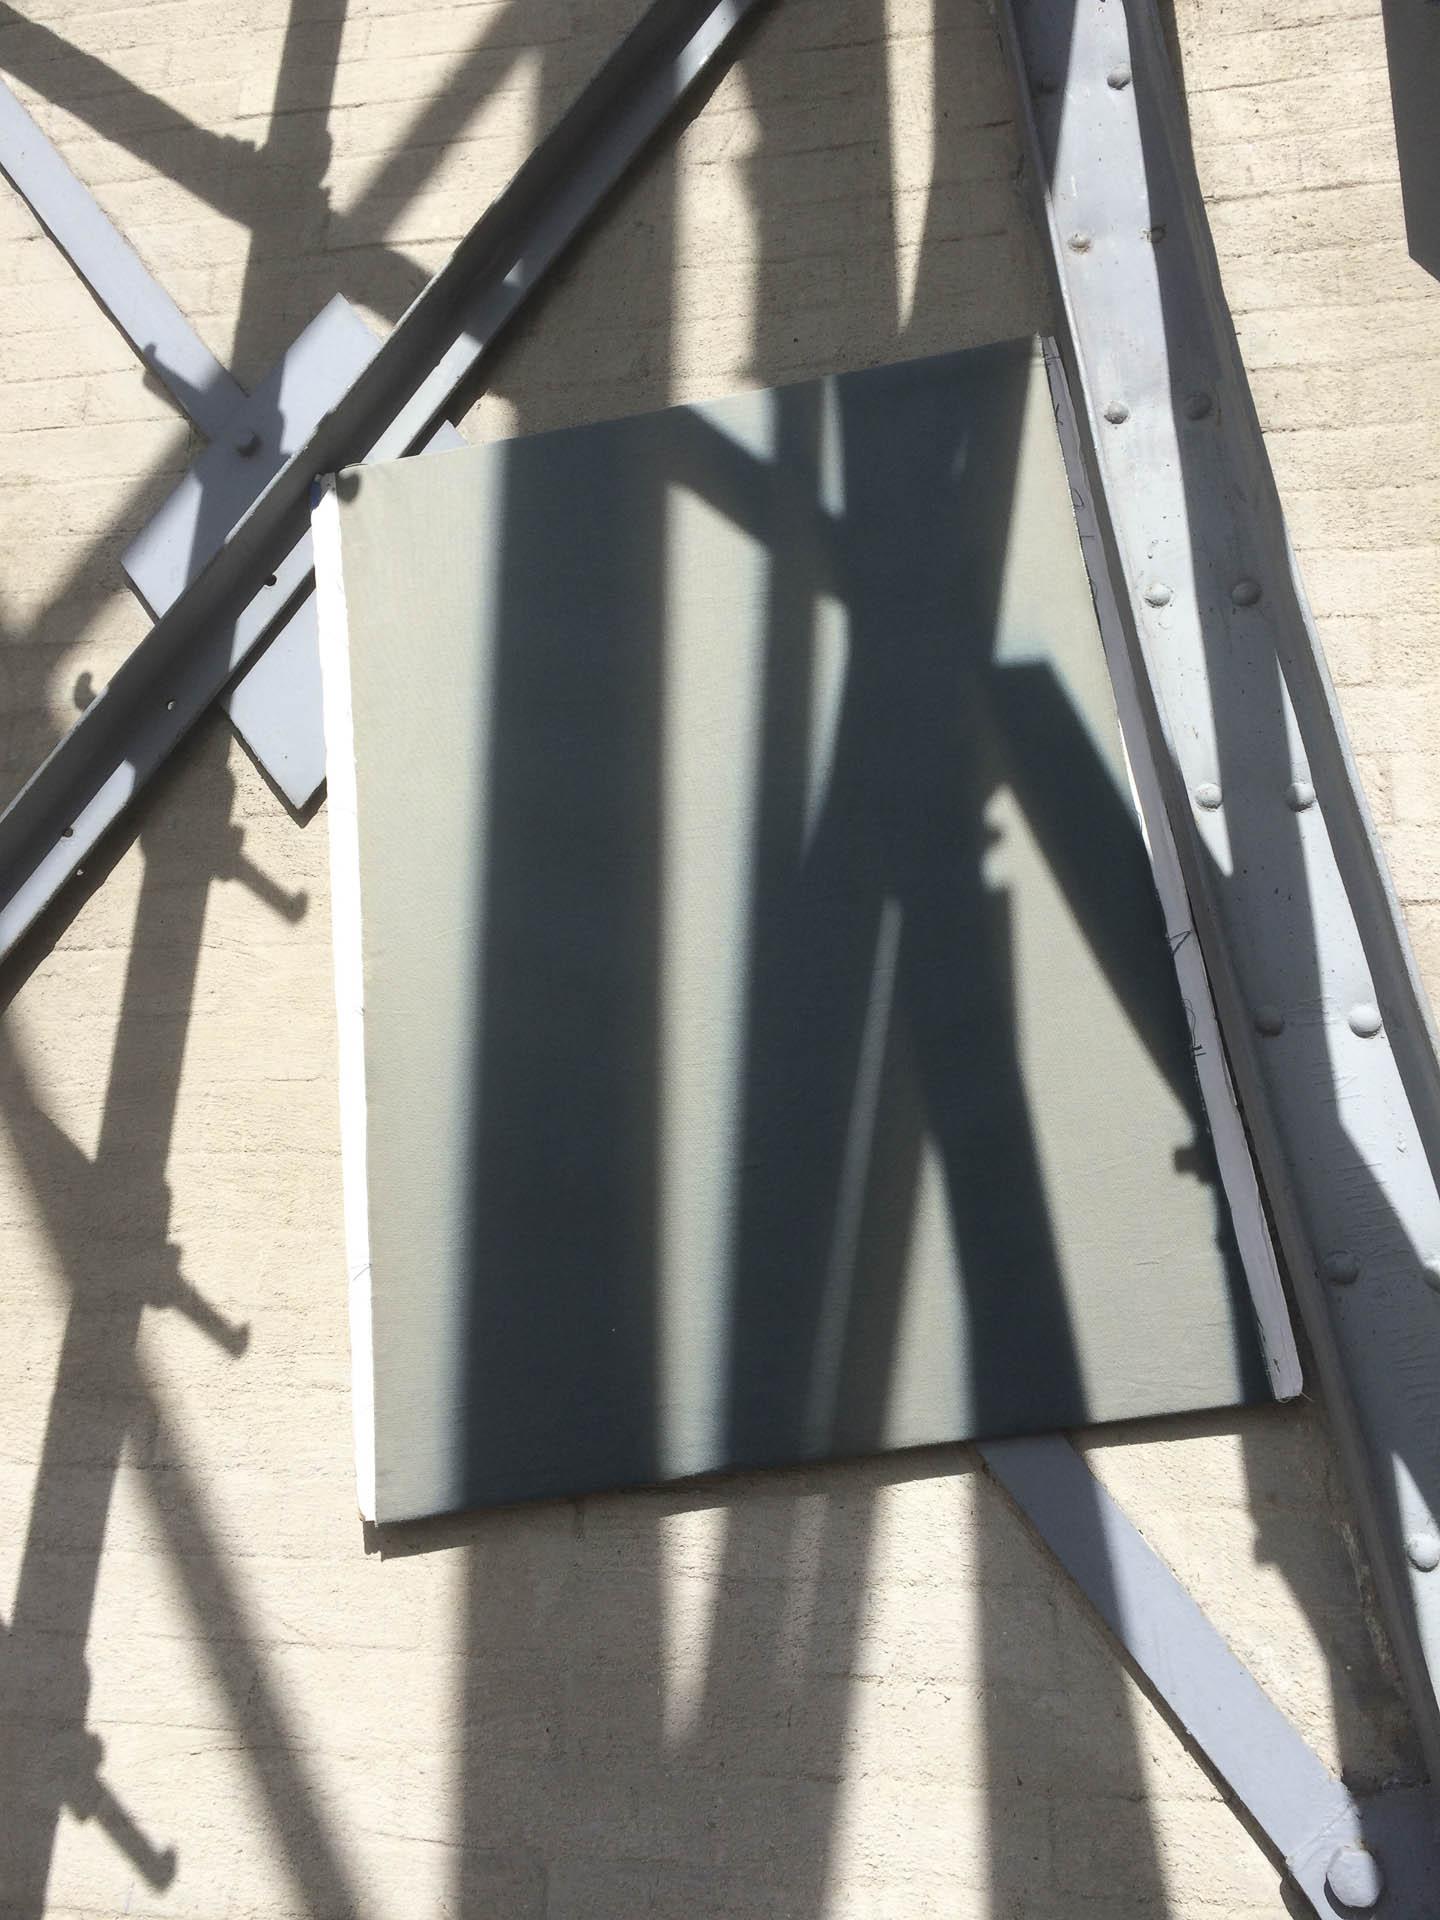 Exposicin de cianotipo sobre tela de la sombra de la torre del museo del chopo